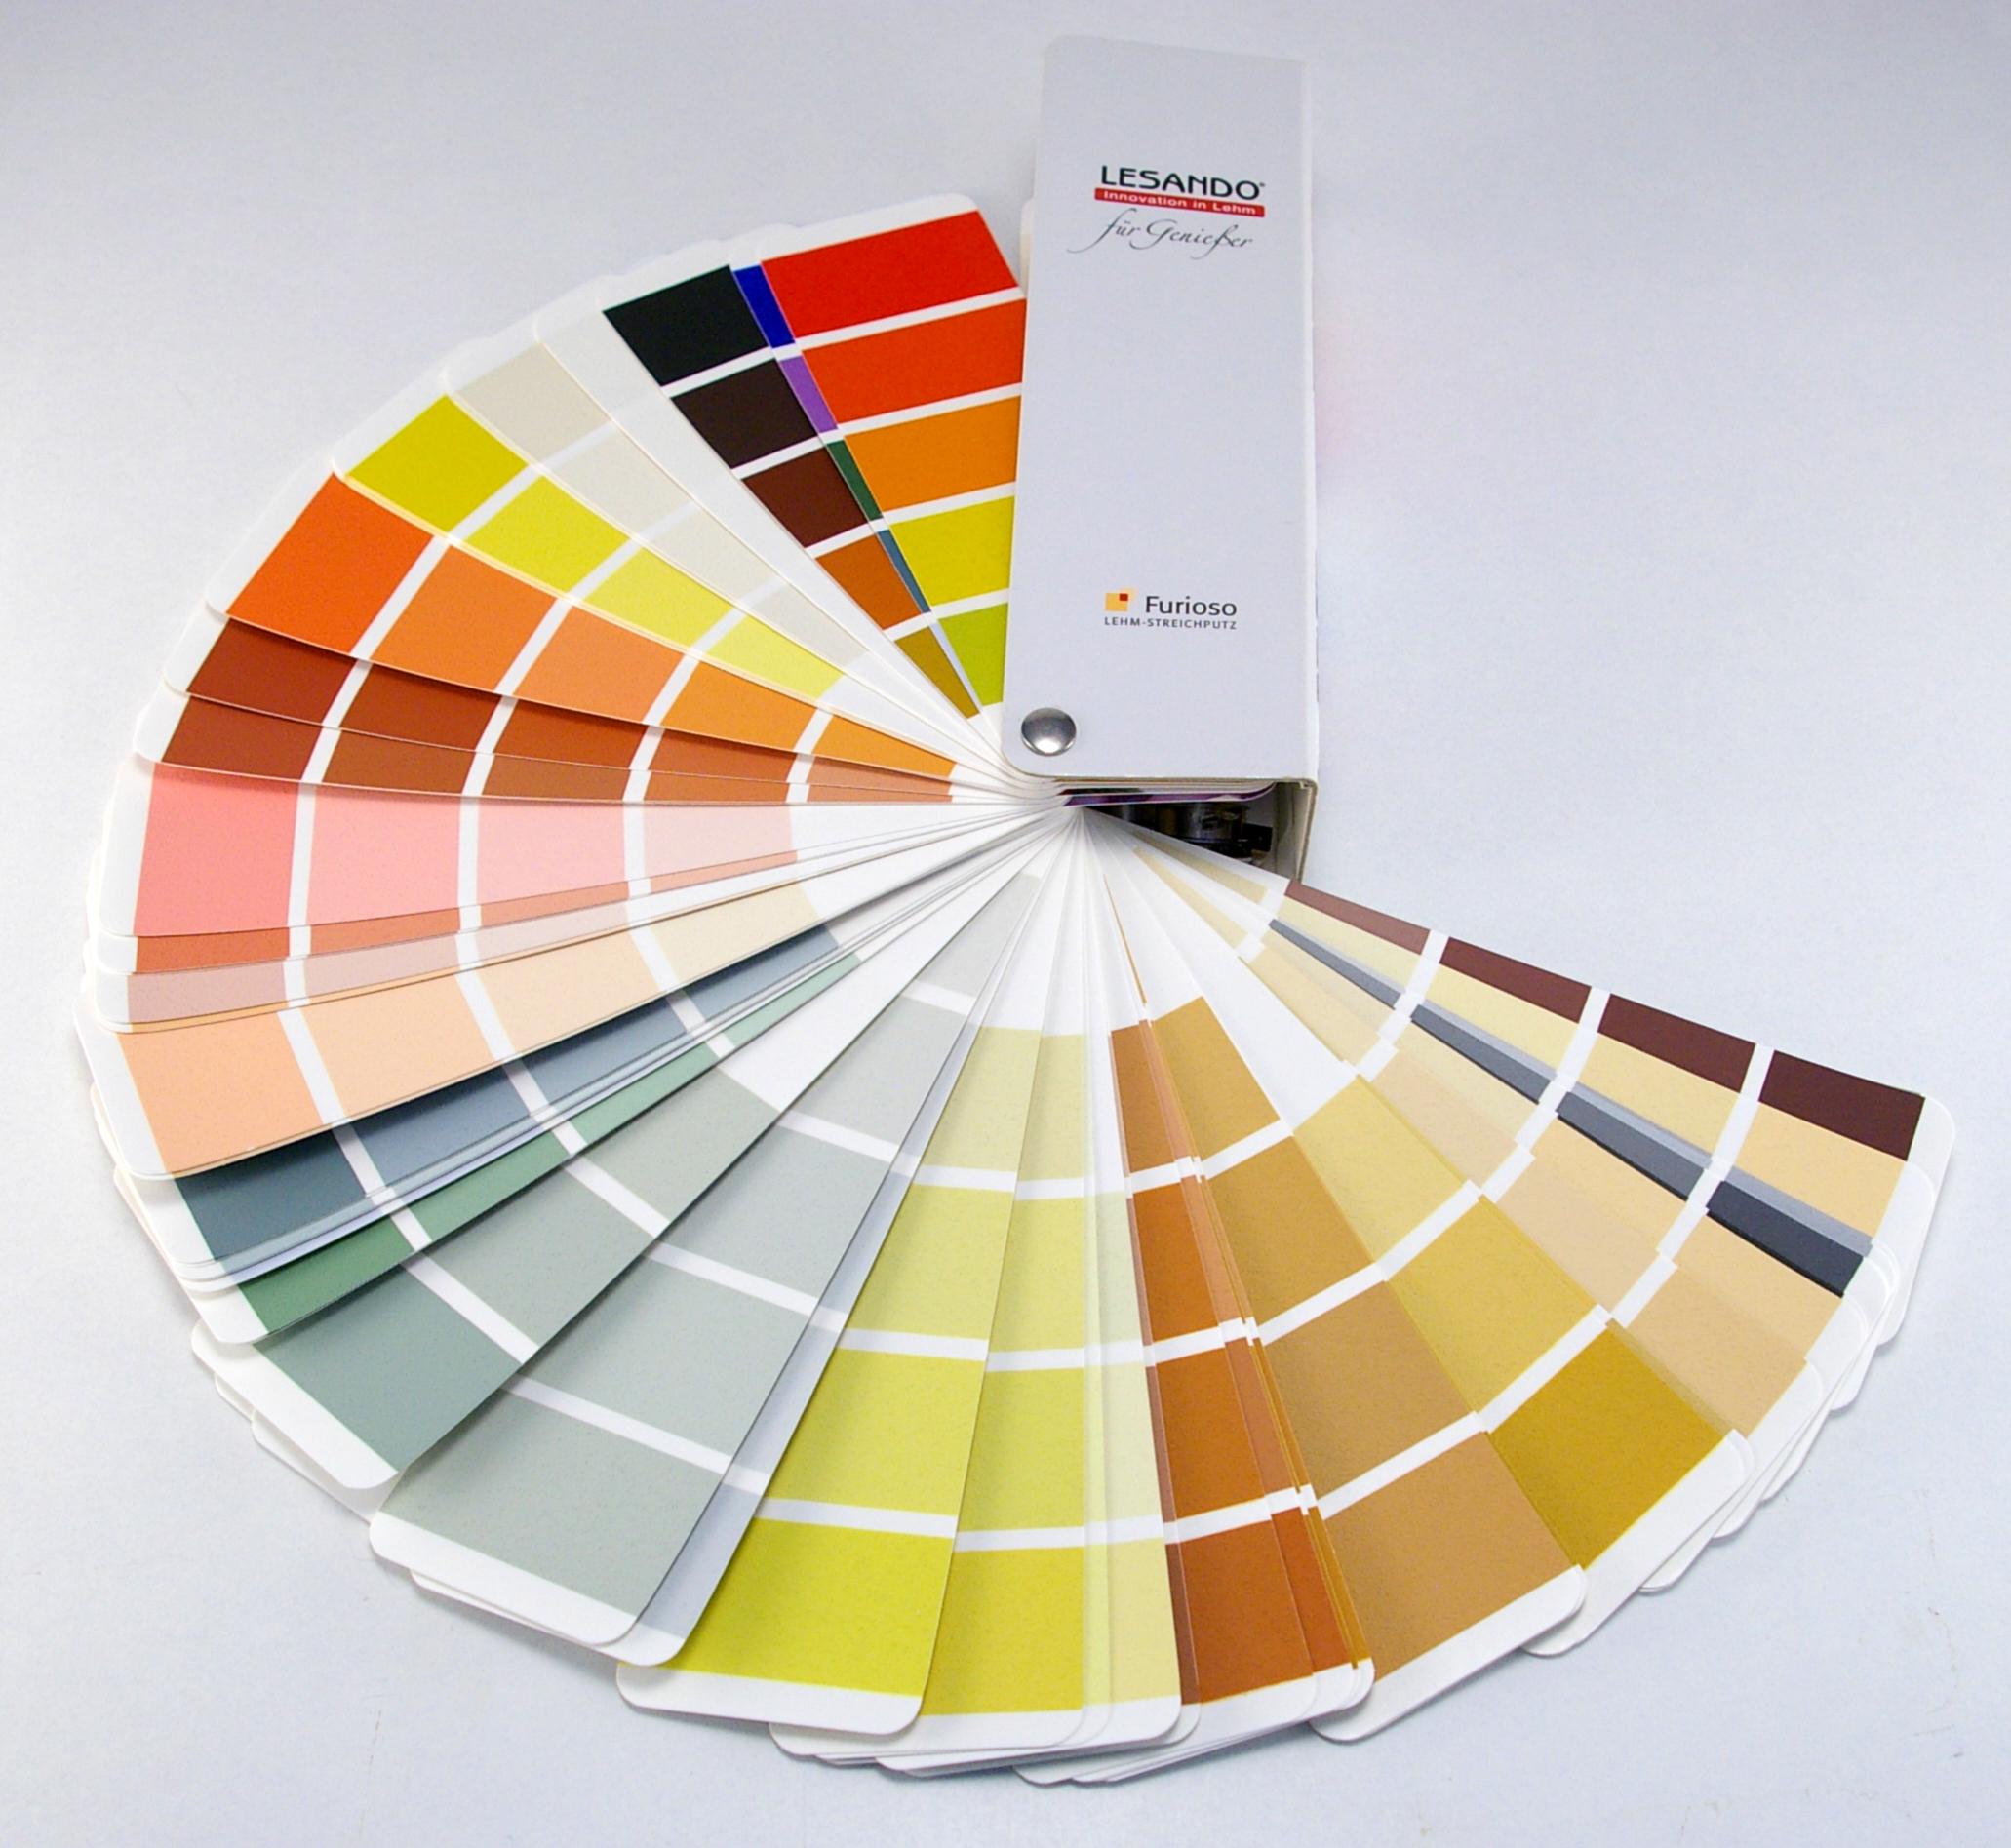 lehm streich und rollputz streich und rollputz bau farben kontor leipzig wandgestaltung. Black Bedroom Furniture Sets. Home Design Ideas